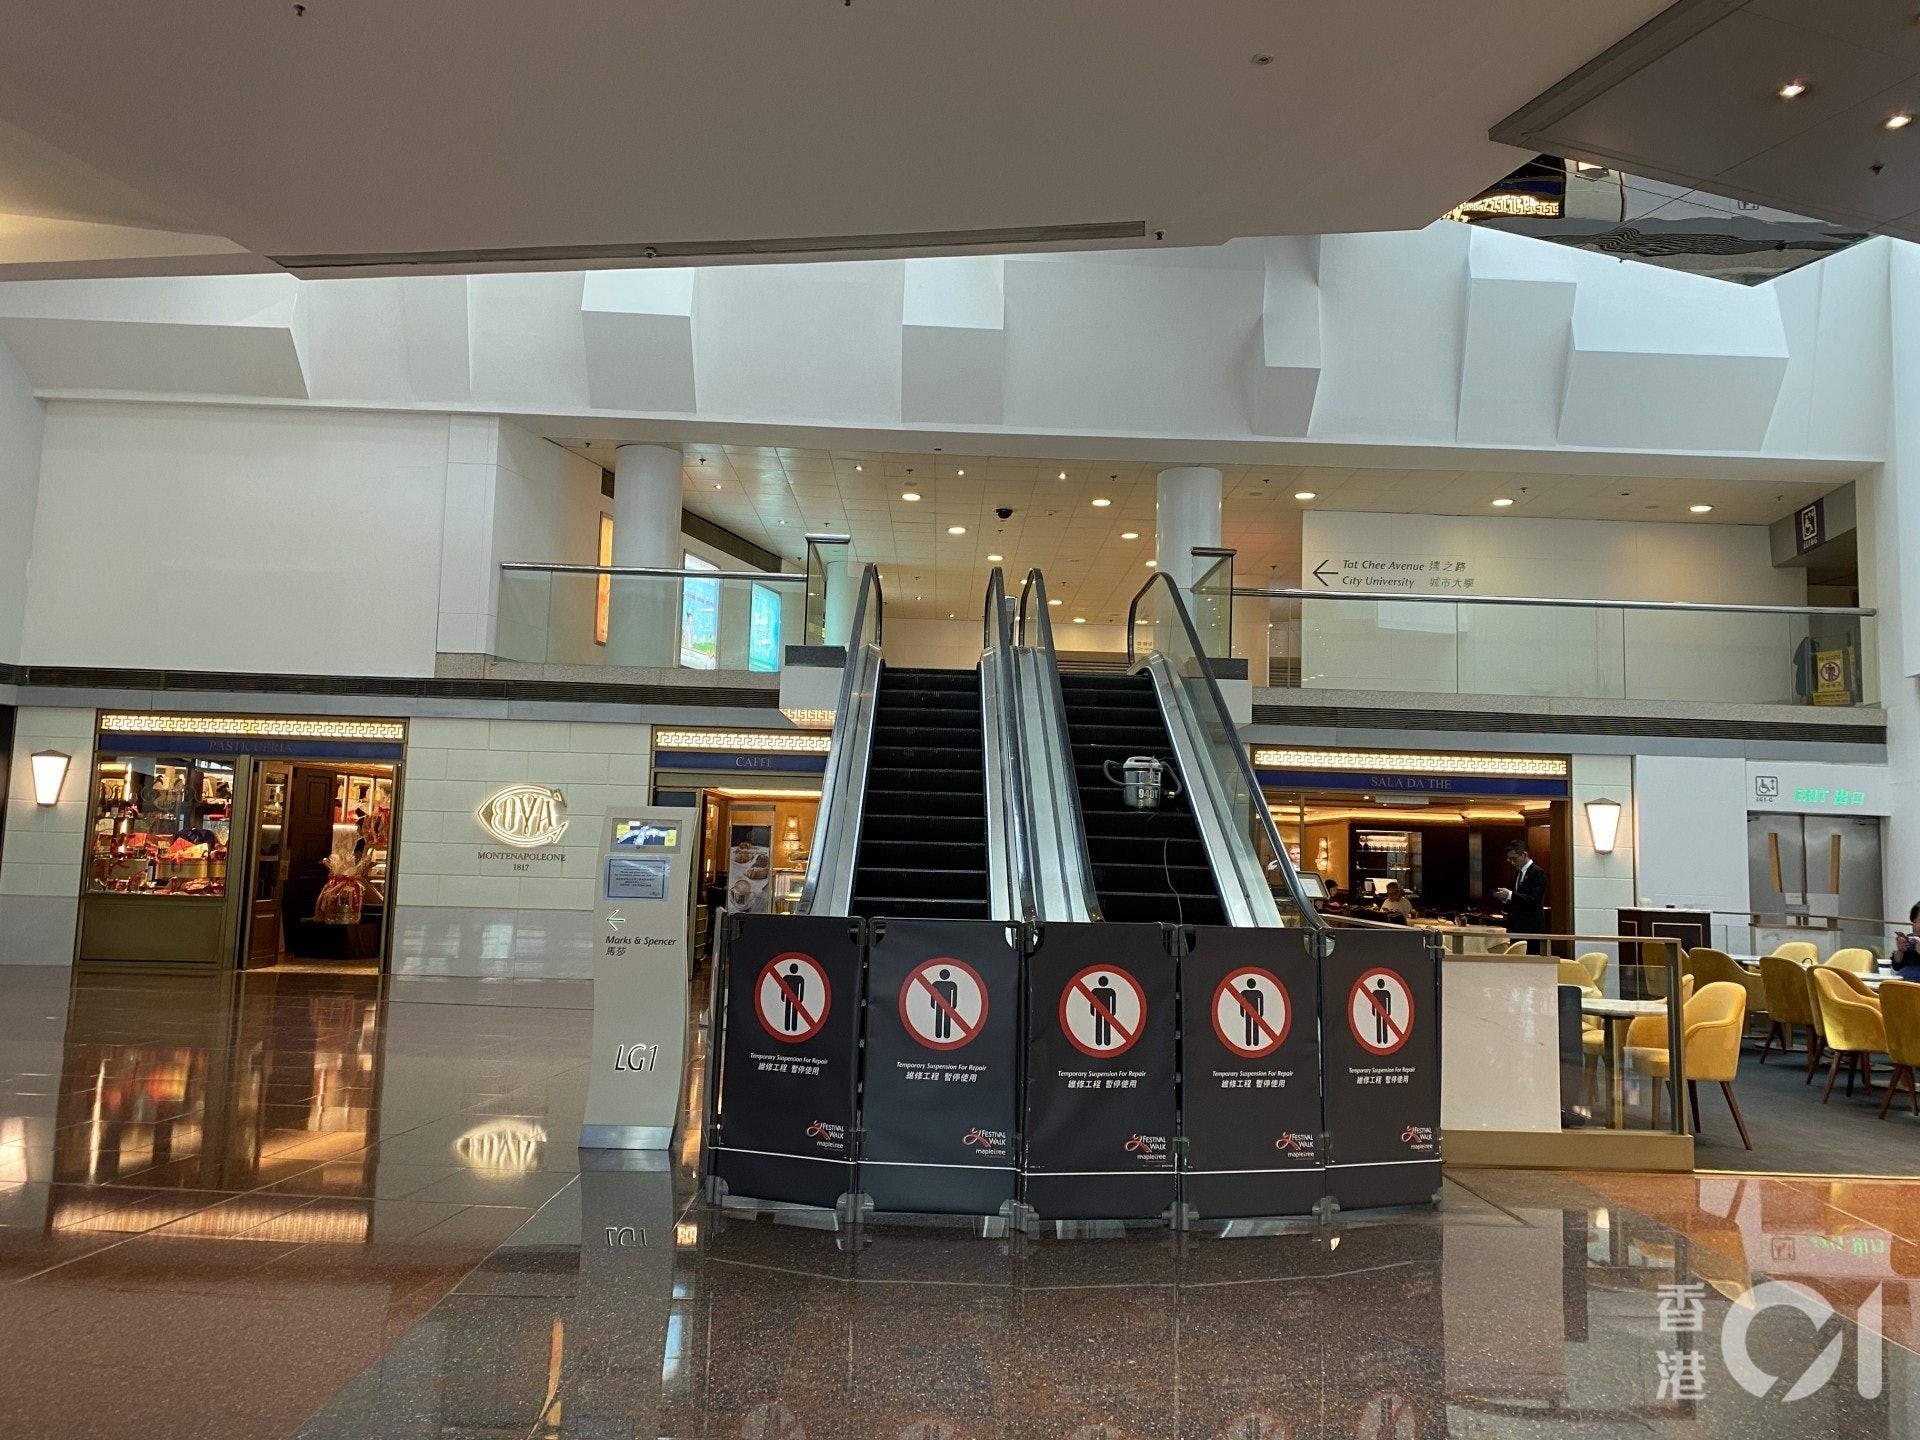 商場電梯未修復完成,部分仍在維修中。(陳諾希攝)